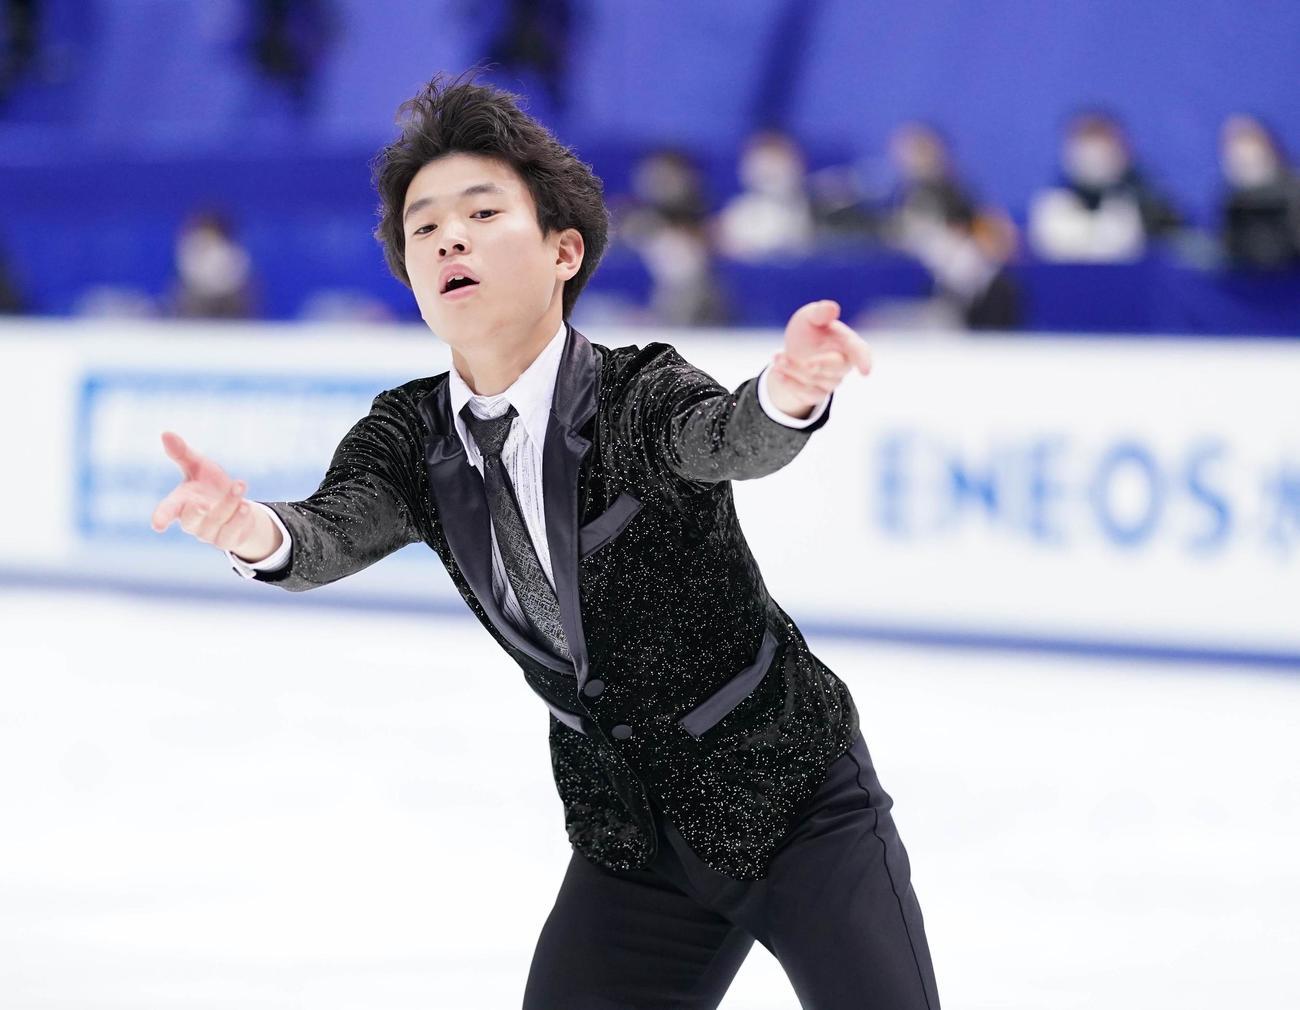 速報 フリー 男子 スケート フィギュア